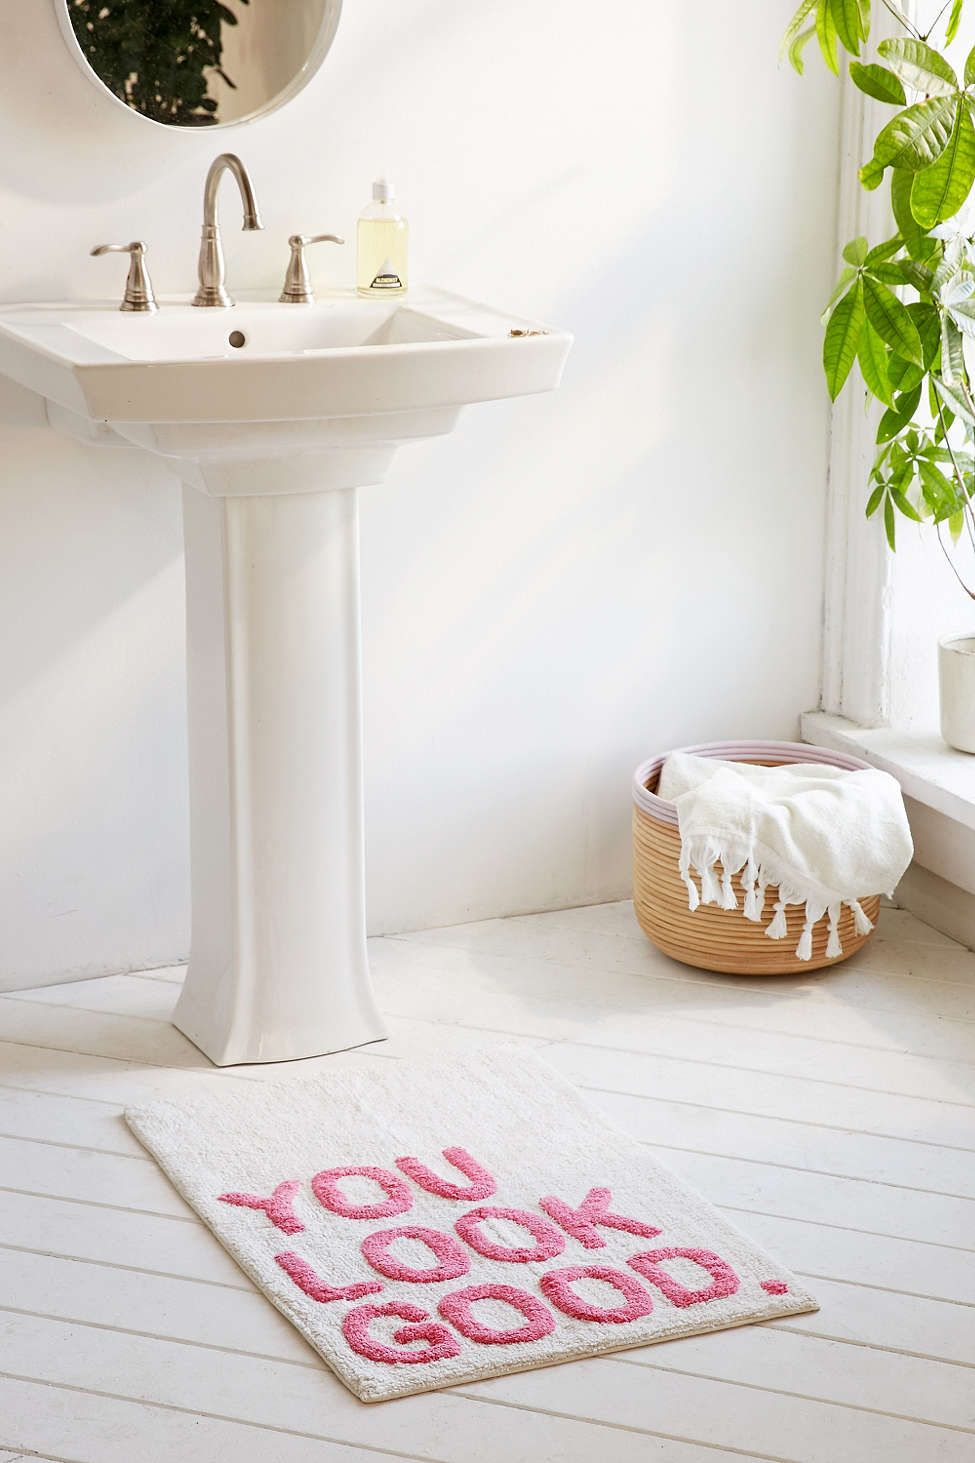 Plum Bow You Look Good Bath Mat House Stuff Dorm Bathroom